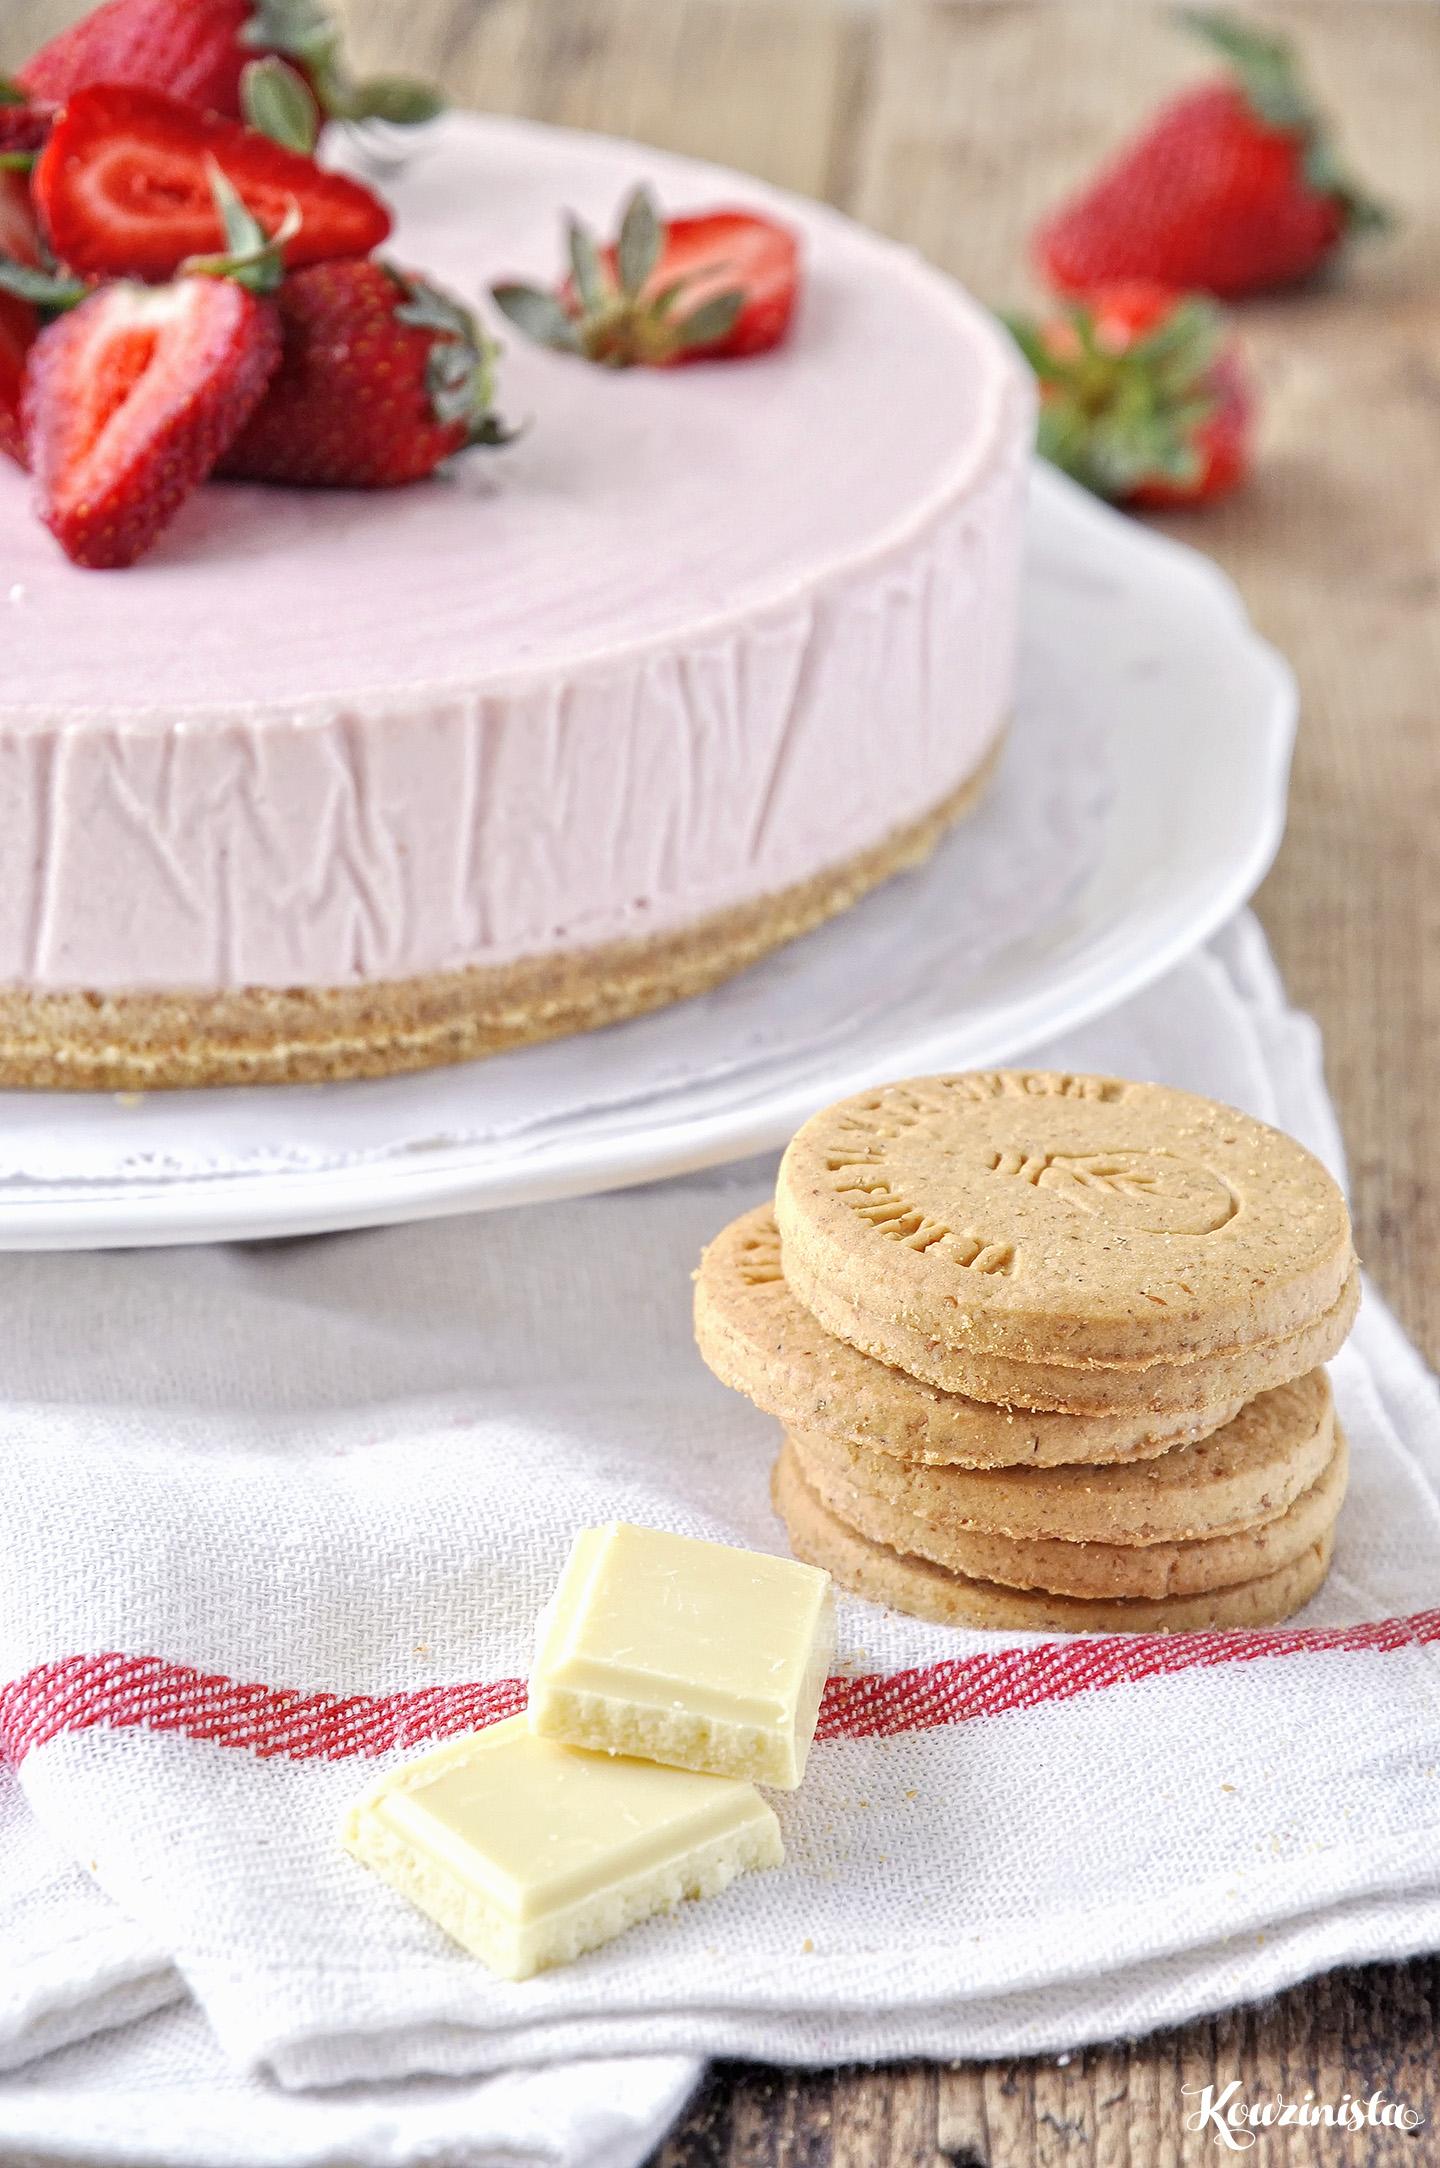 Παγωμένη τούρτα μους φράουλας με λευκή σοκολάτα / Frozen strawberry & white chocolate mousse cake